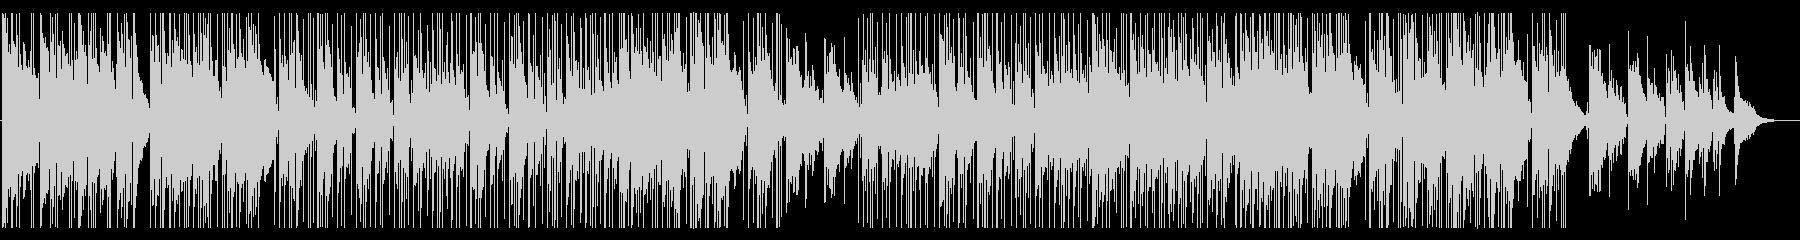 切ないアコギインスト Longの未再生の波形